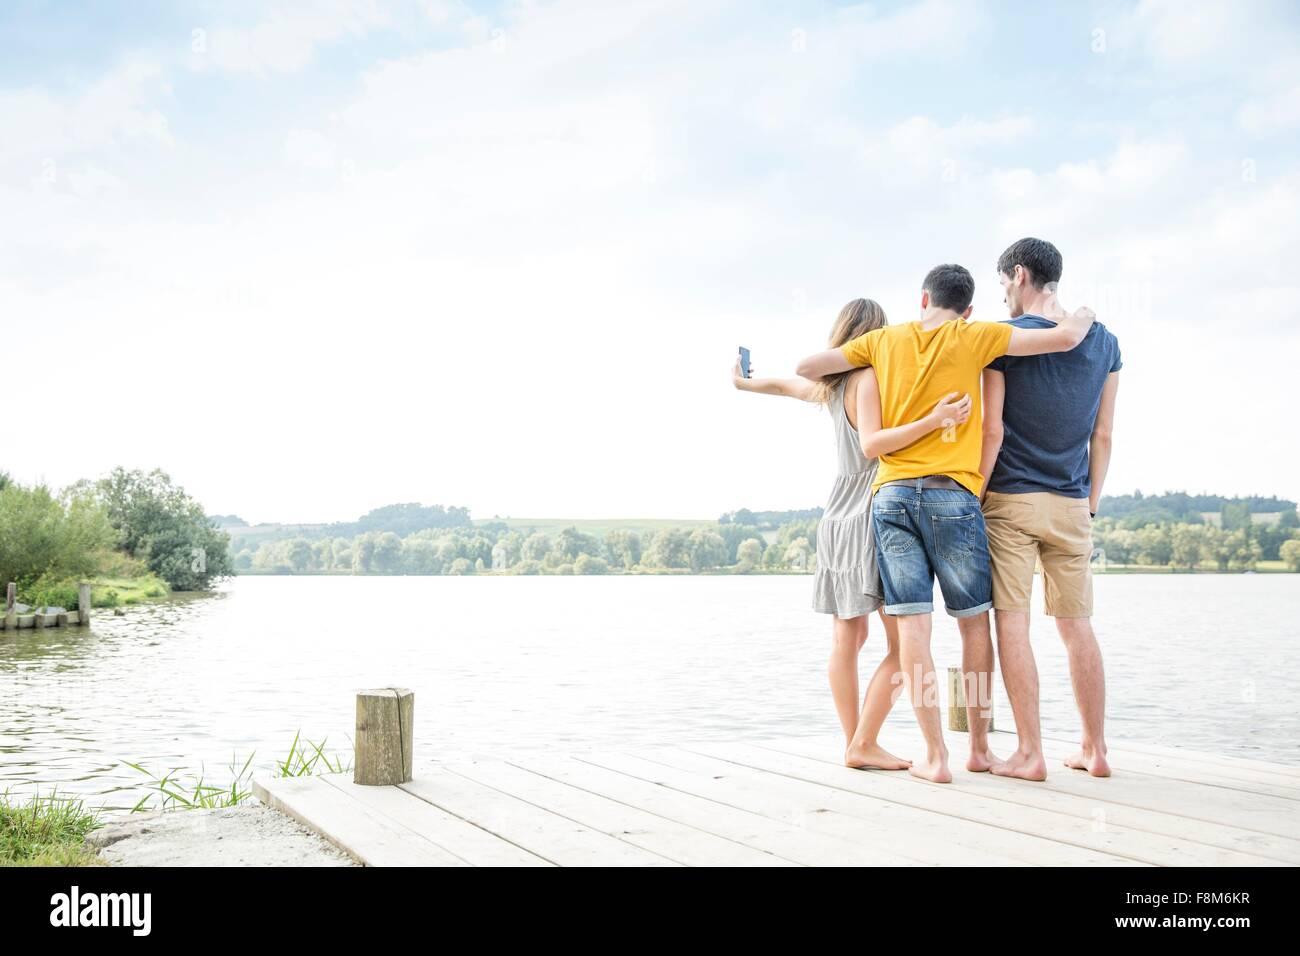 Trois jeunes adultes standing on Jetty, taking self portrait, à l'aide de smartphone, vue arrière Photo Stock